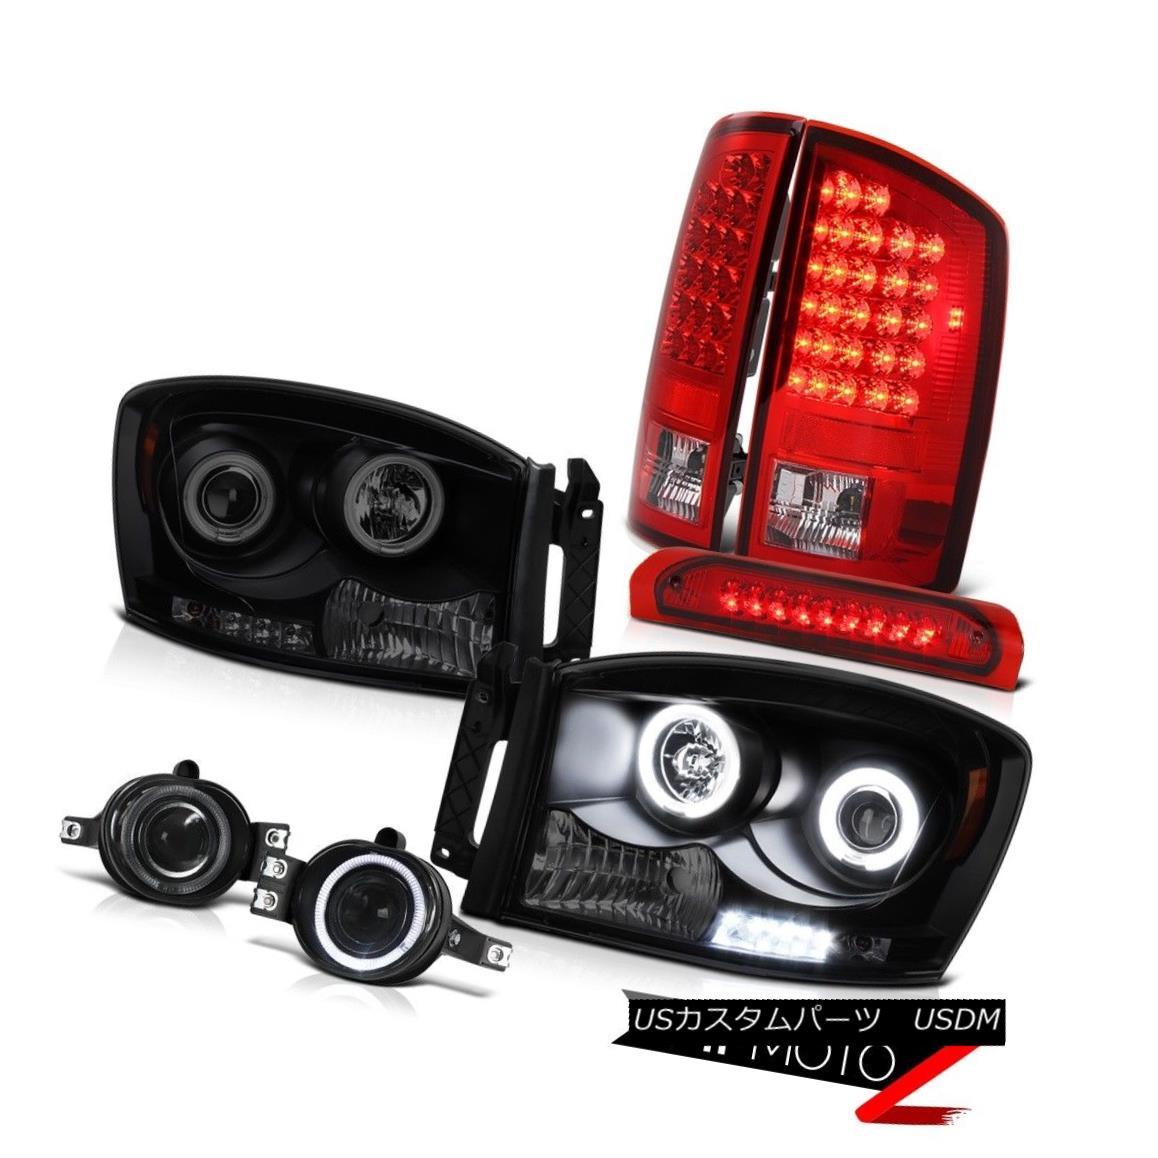 ヘッドライト Headlights w/ CCFL Halo Ring Foglights Top Mount Brake Lamps 2006 Dodge Ram 5.7L CCFL Haloリングフォグライト搭載ヘッドライトトップマウントブレーキランプ2006 Dodge Ram 5.7L